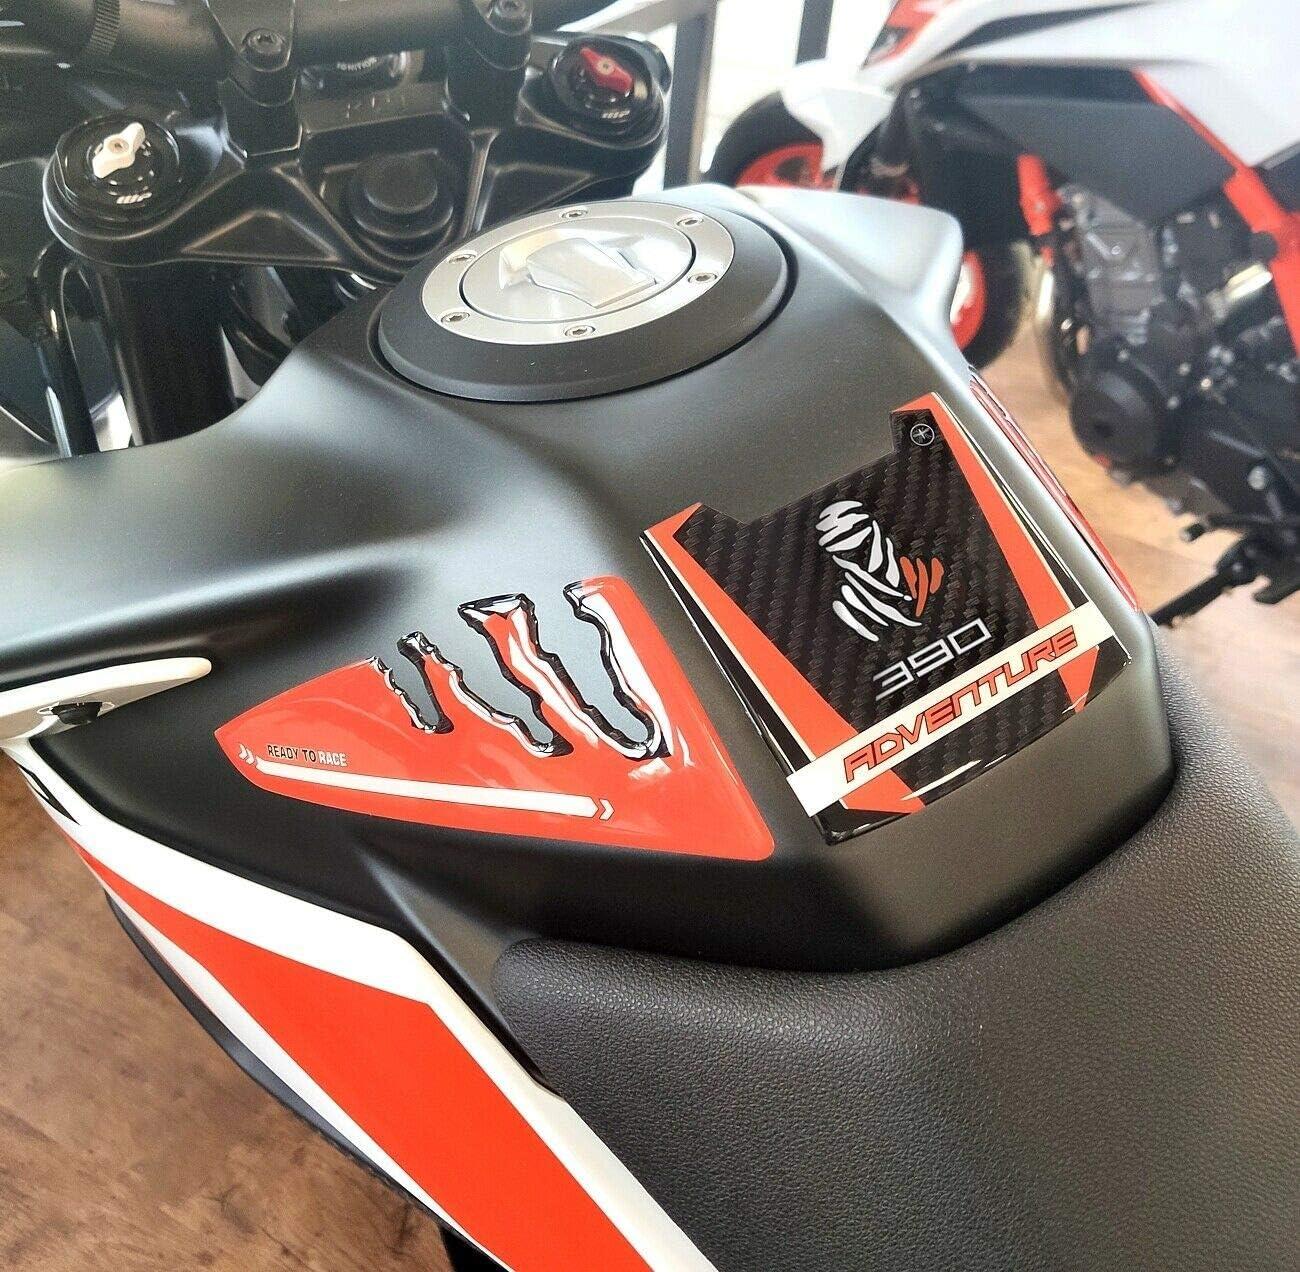 Prot/ège-r/éservoir adh/ésif en r/ésine gel 3D pour moto KTM 390 Adventure